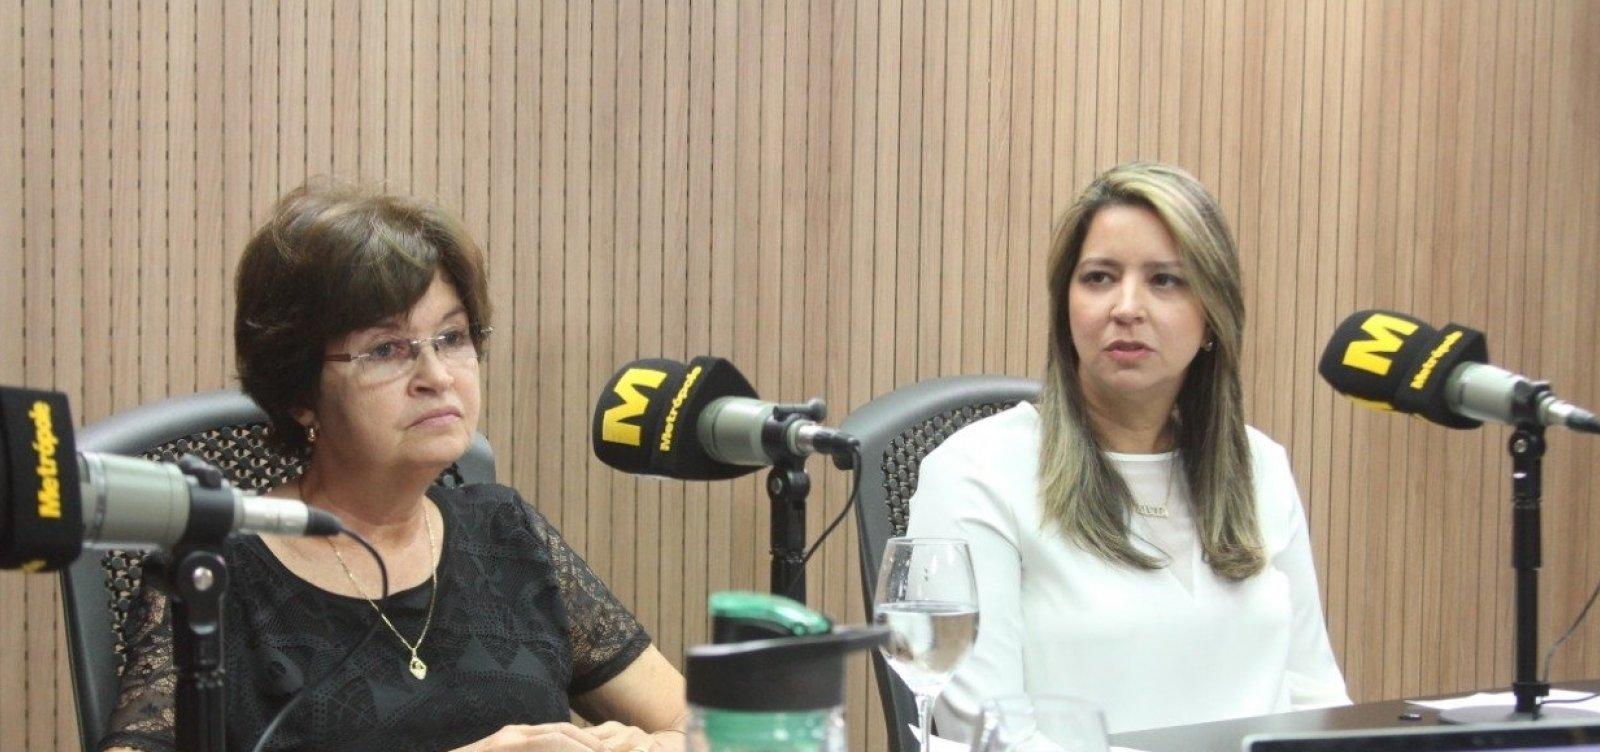 Superintendente diz que déficit da instituição Irmã Dulce pode chegar a R$ 10 milhões